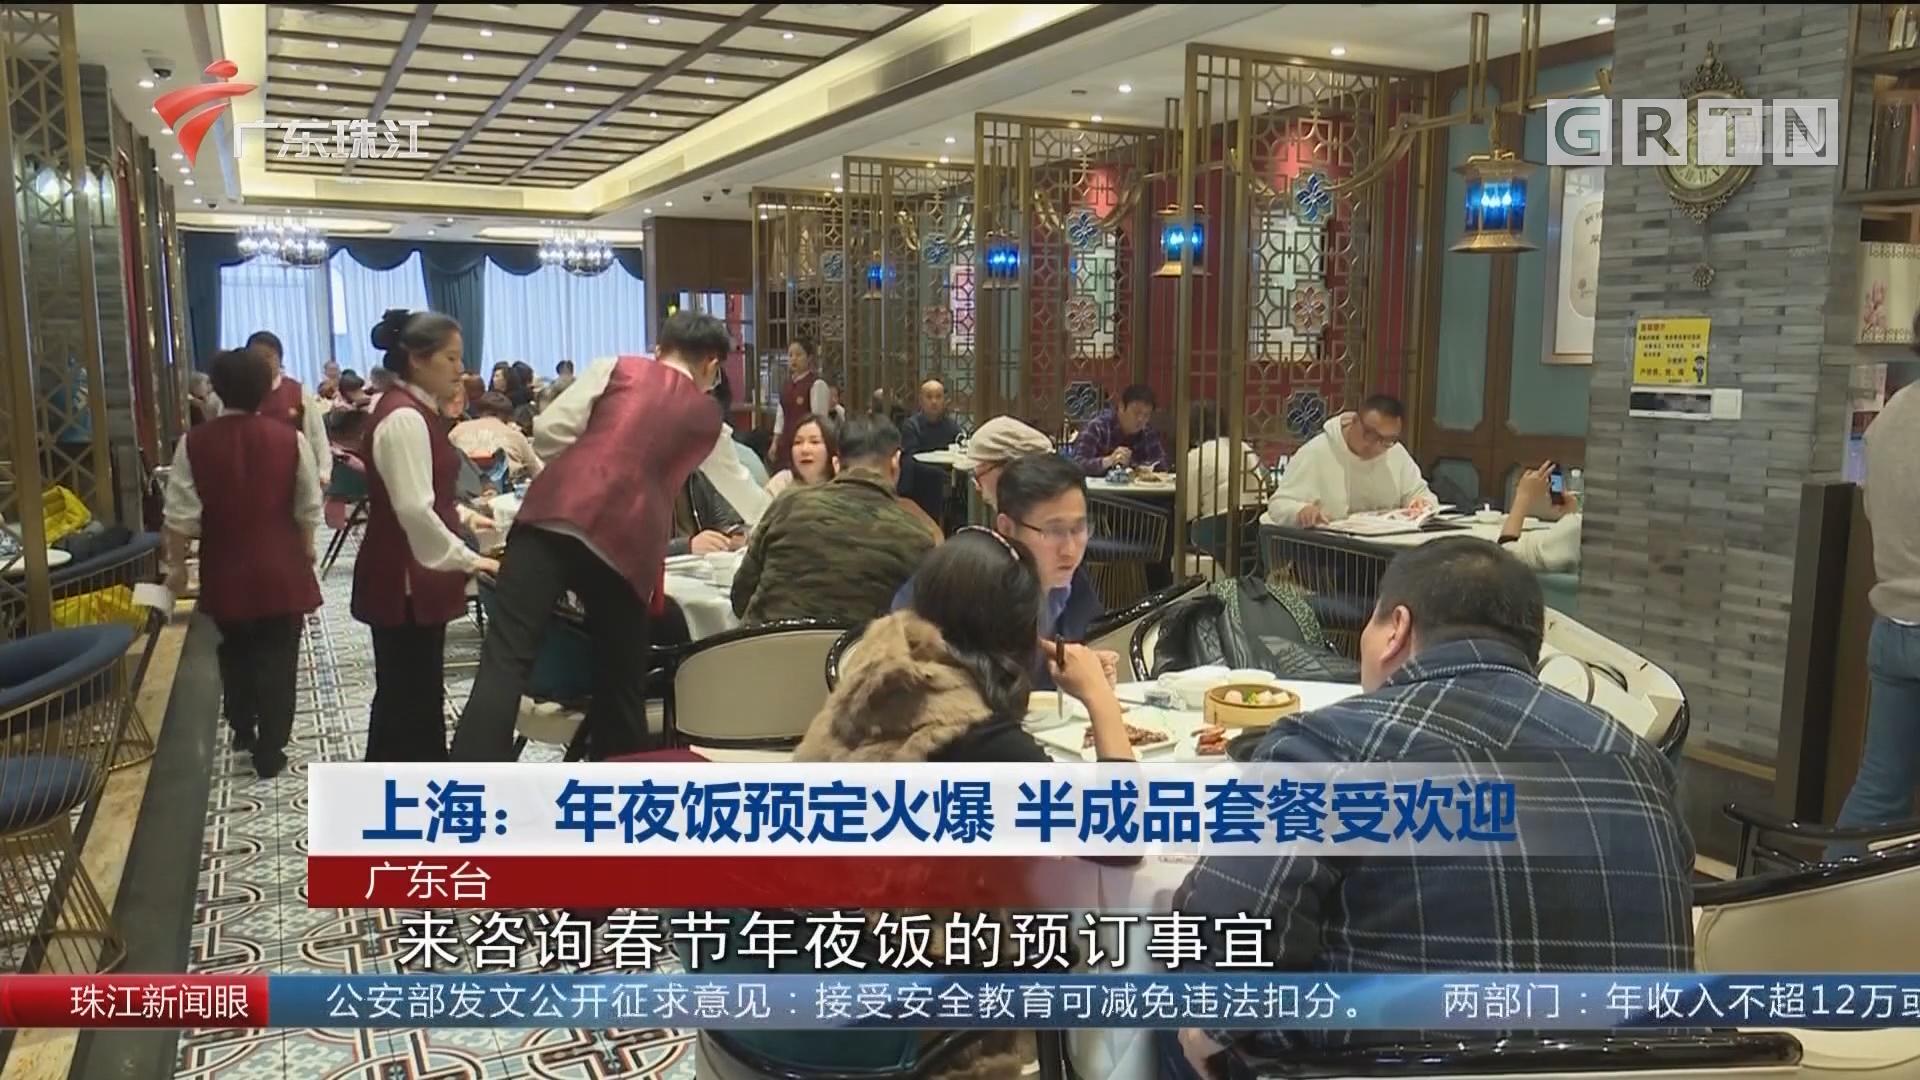 上海:年夜饭预定火爆 半成品套餐受欢迎